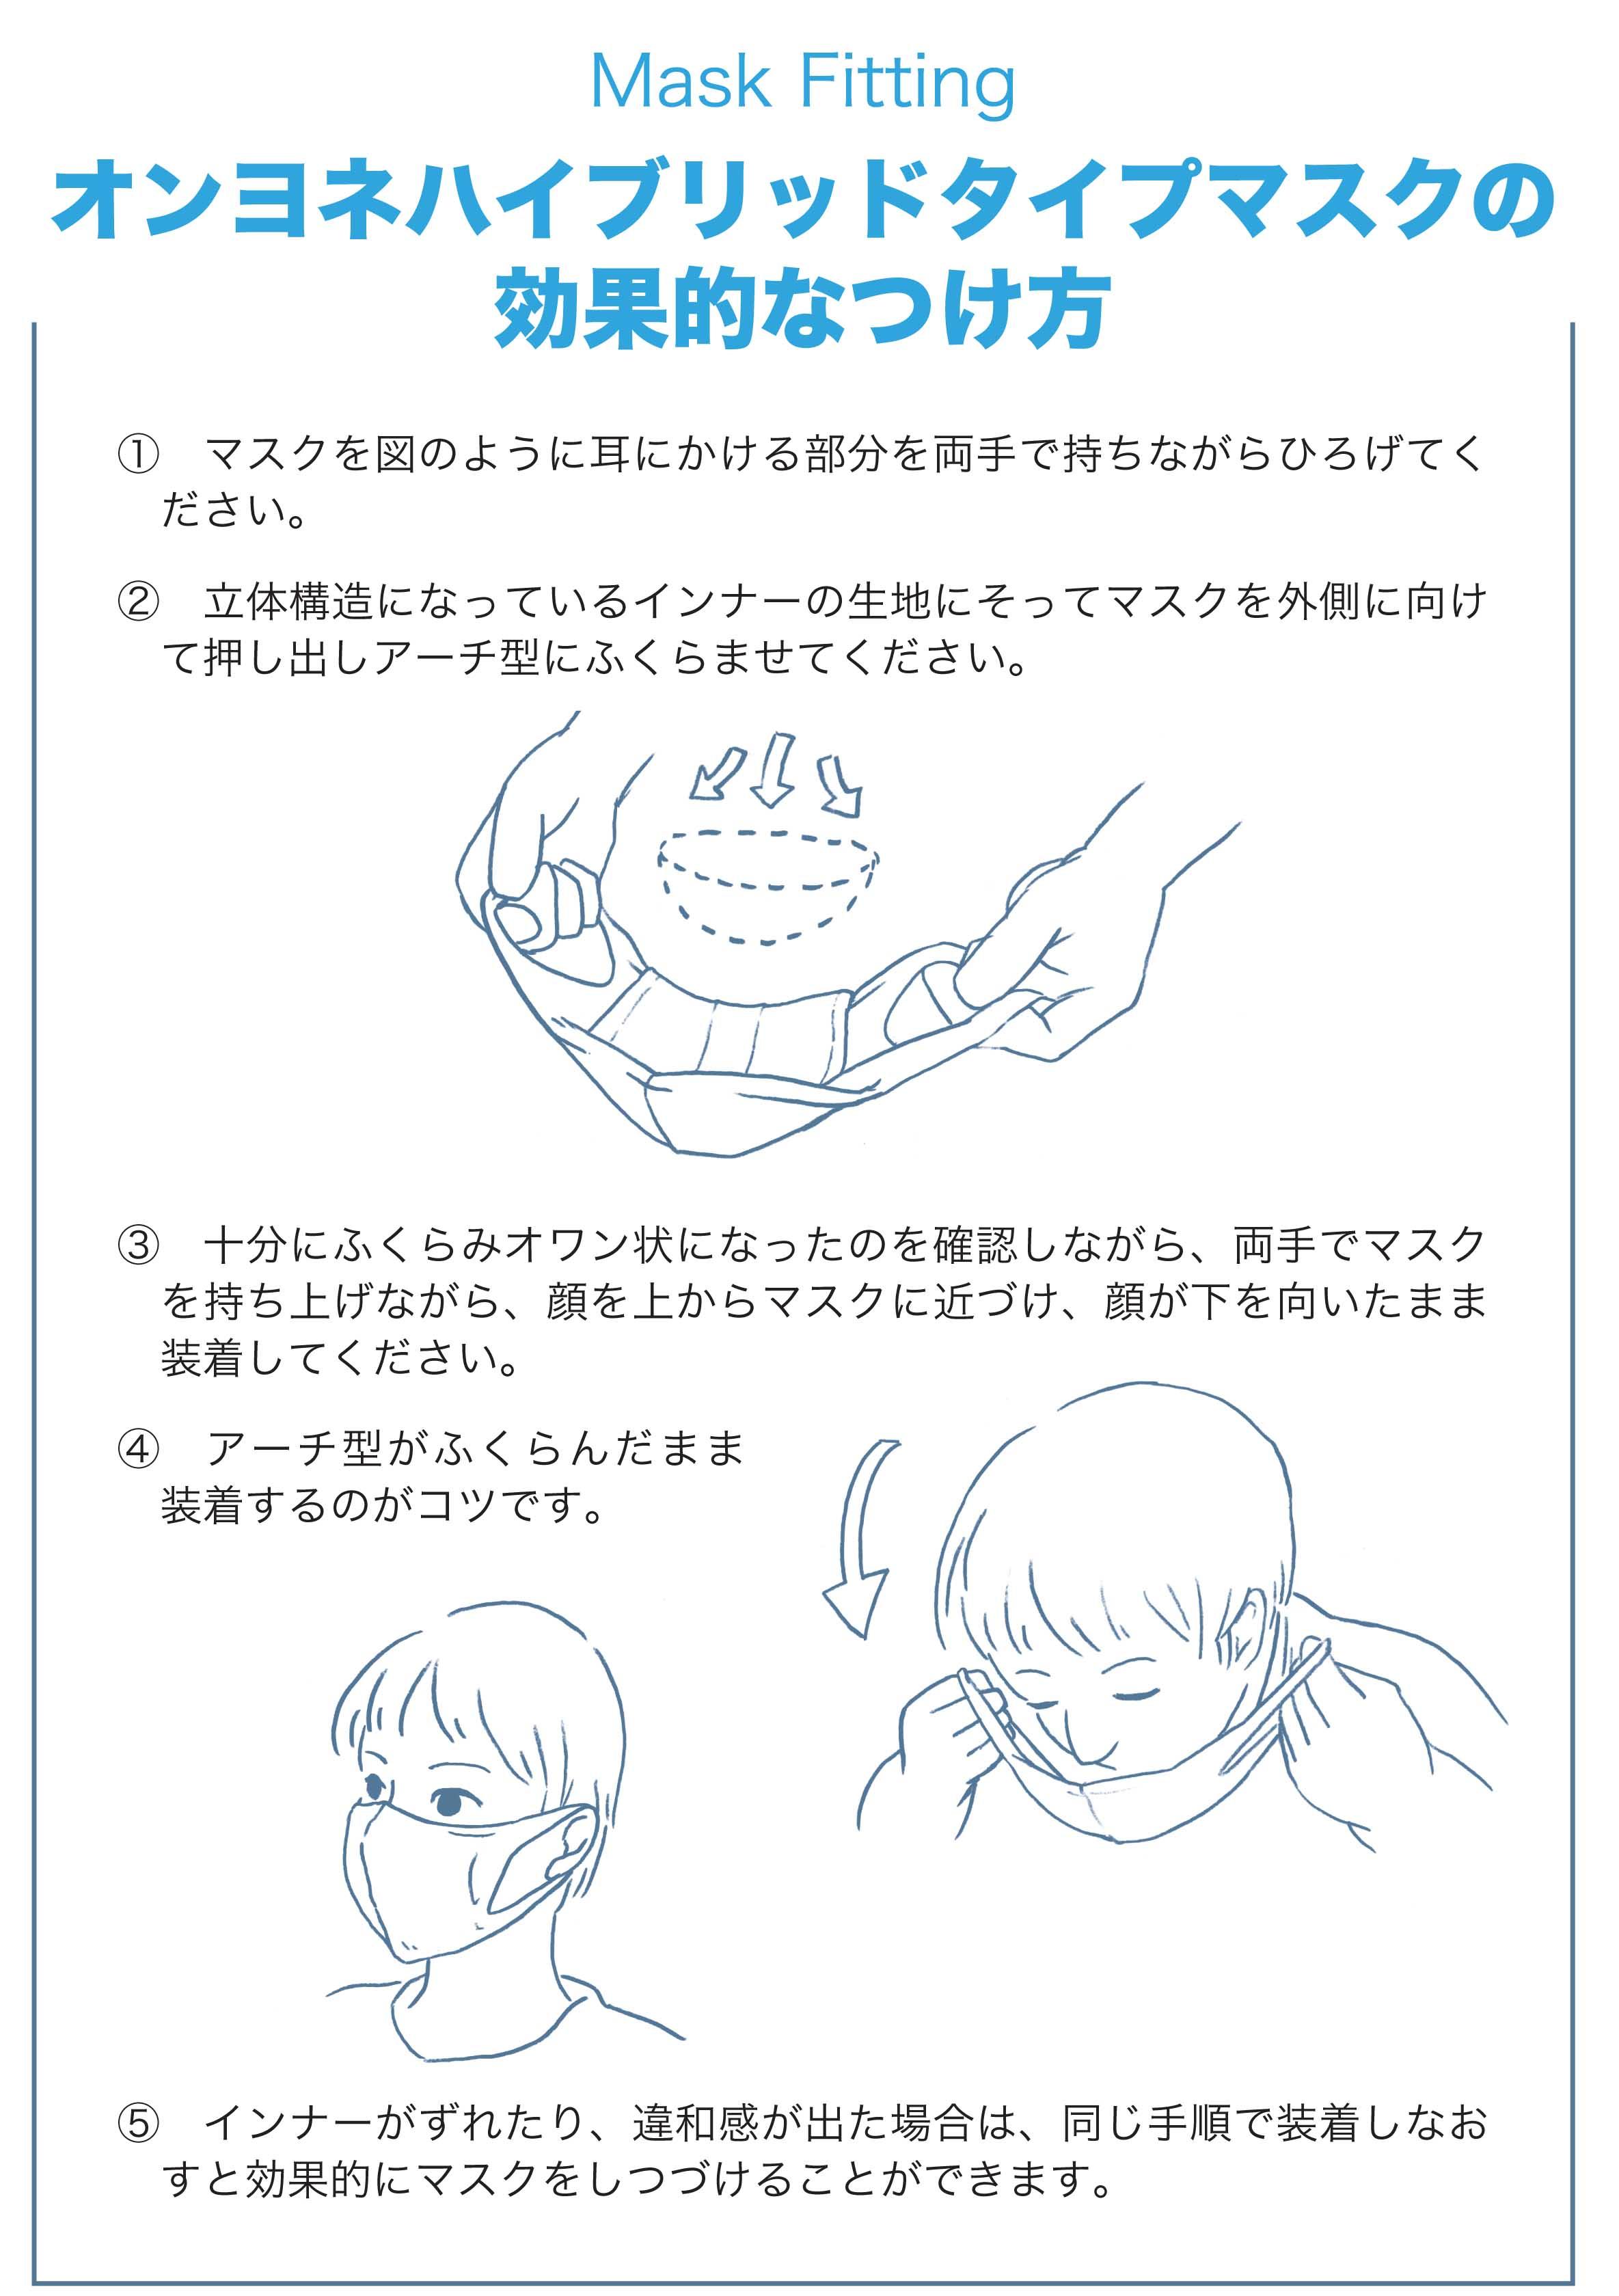 オンヨネマスク_01